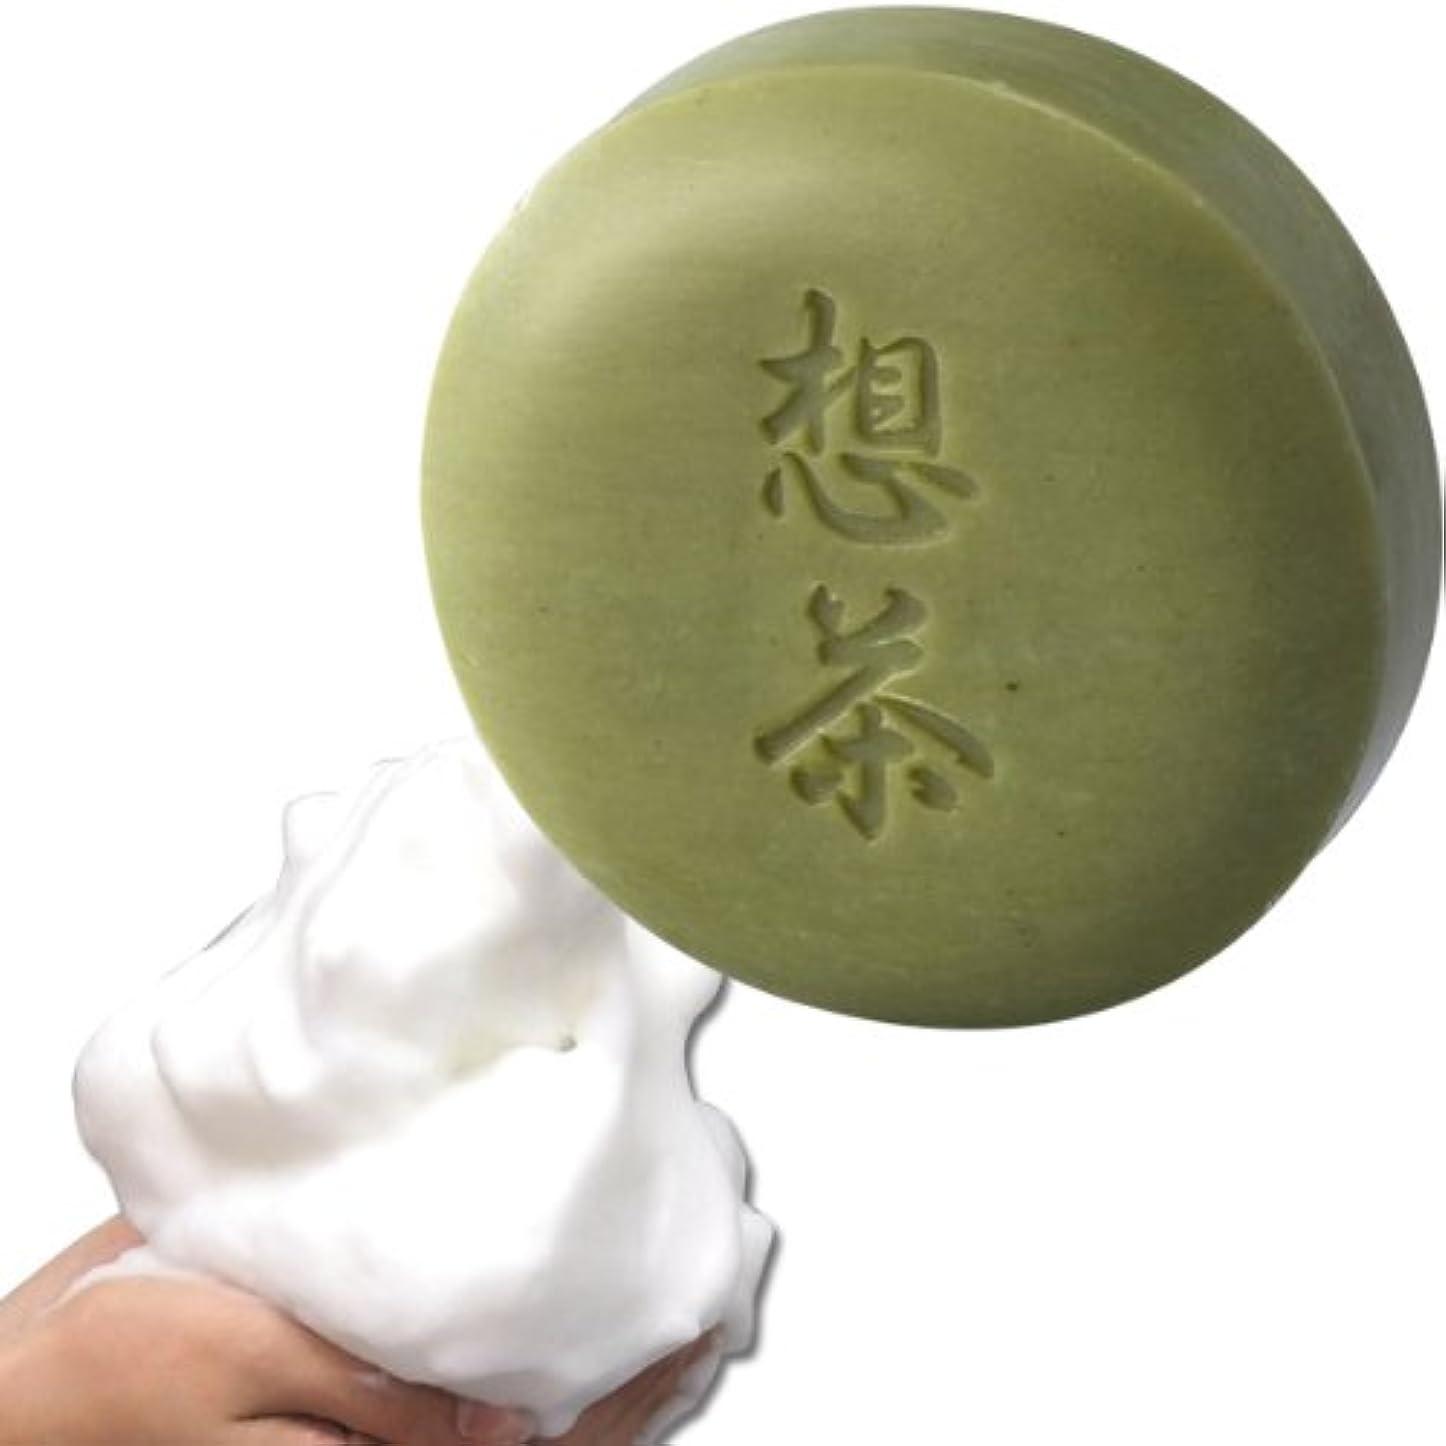 まとめる病な幸運な想茶石鹸 100g(お茶屋さんが作ったお茶石鹸)